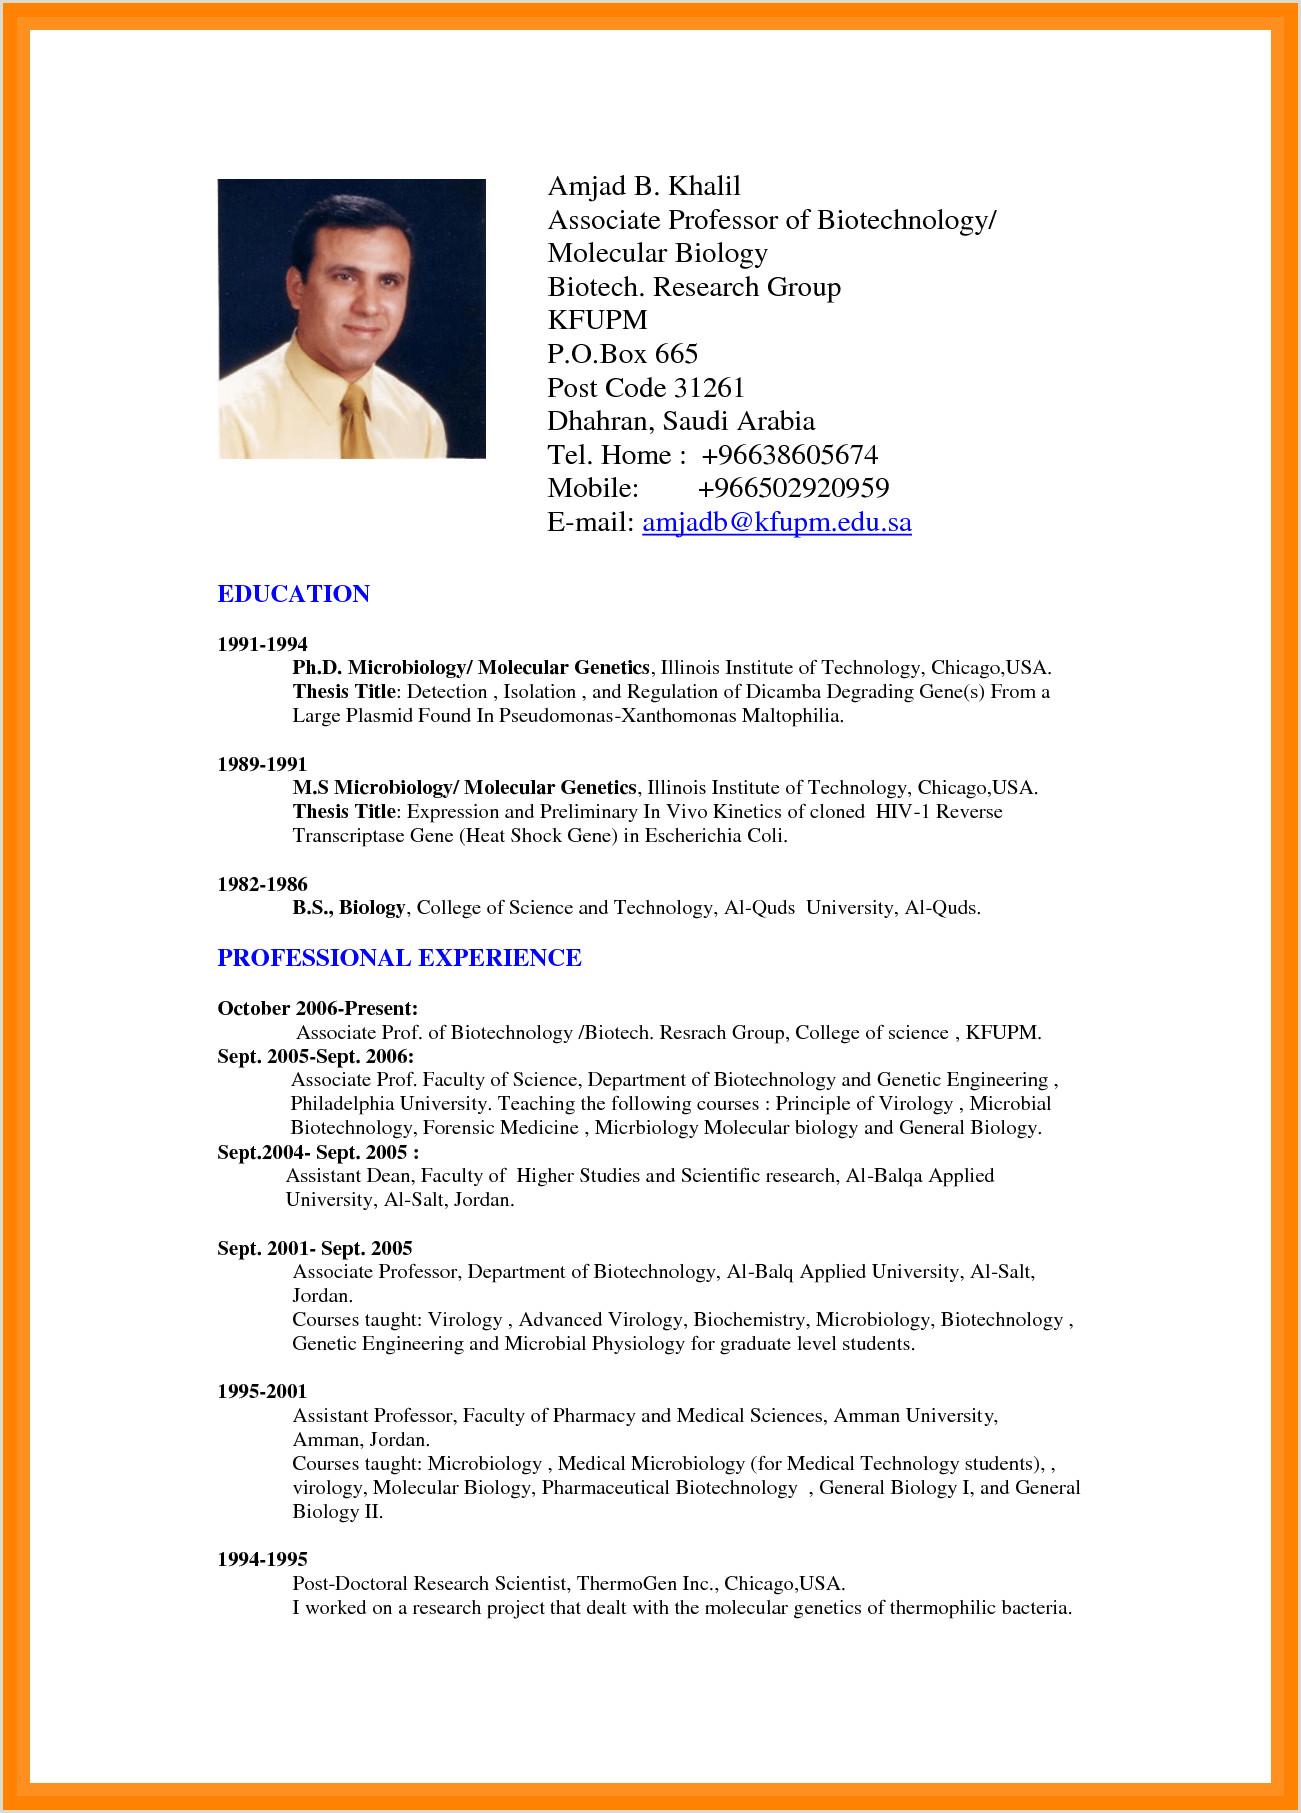 Cv Format For Engineering Job Brilliant Ideas 9 Cv Sample Doc Charming Resume Format